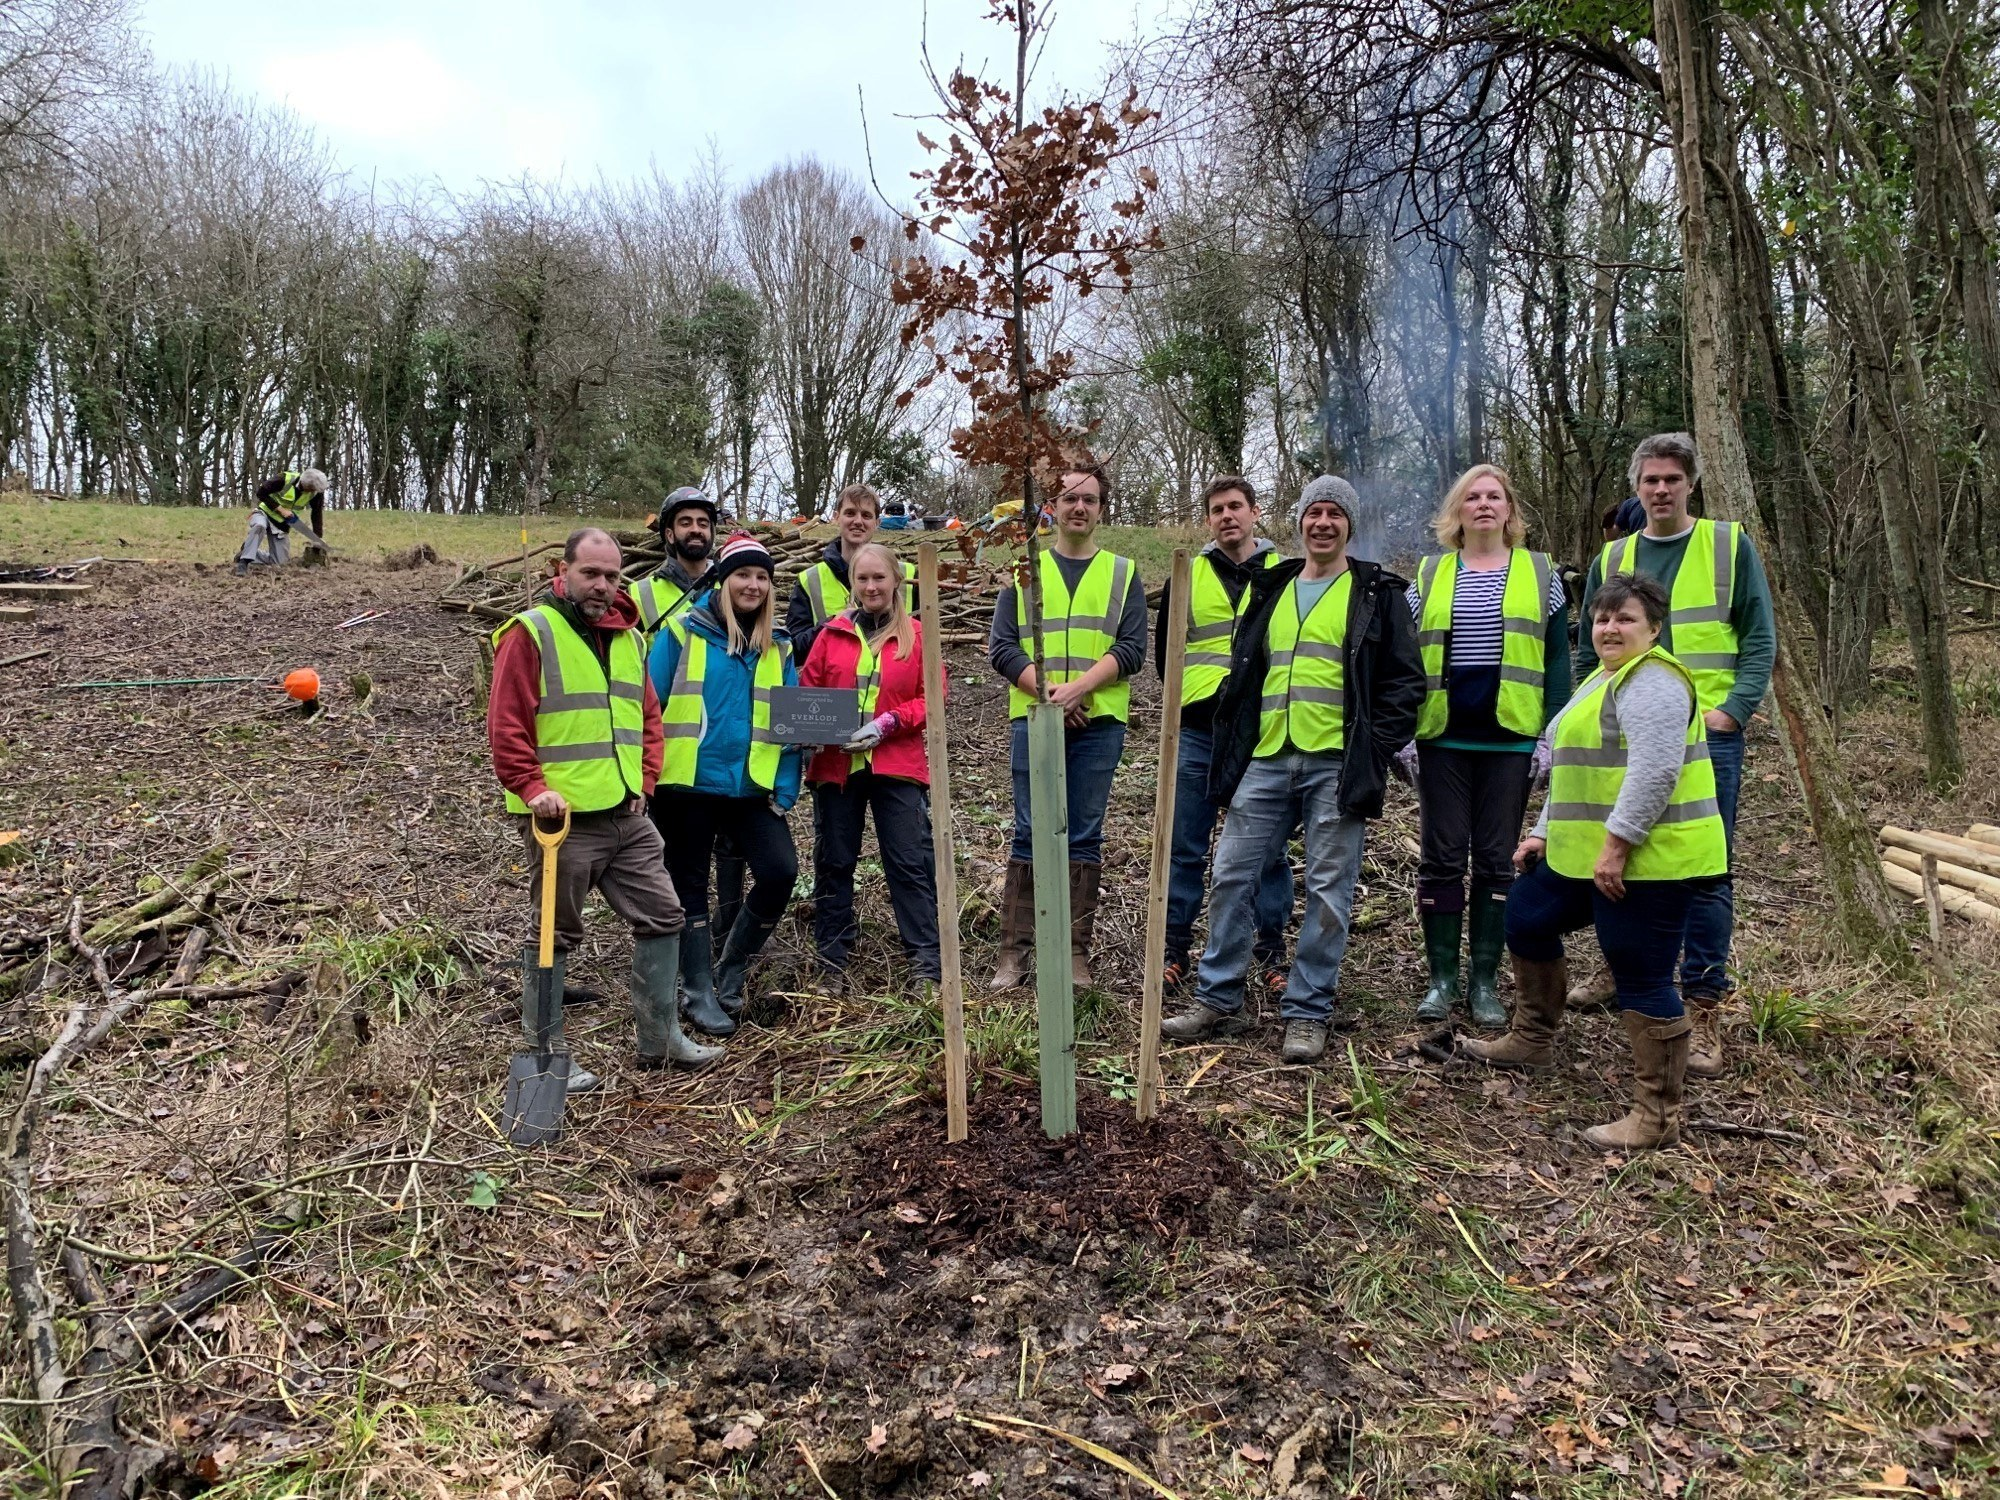 Volunteering at Stansfeld Park